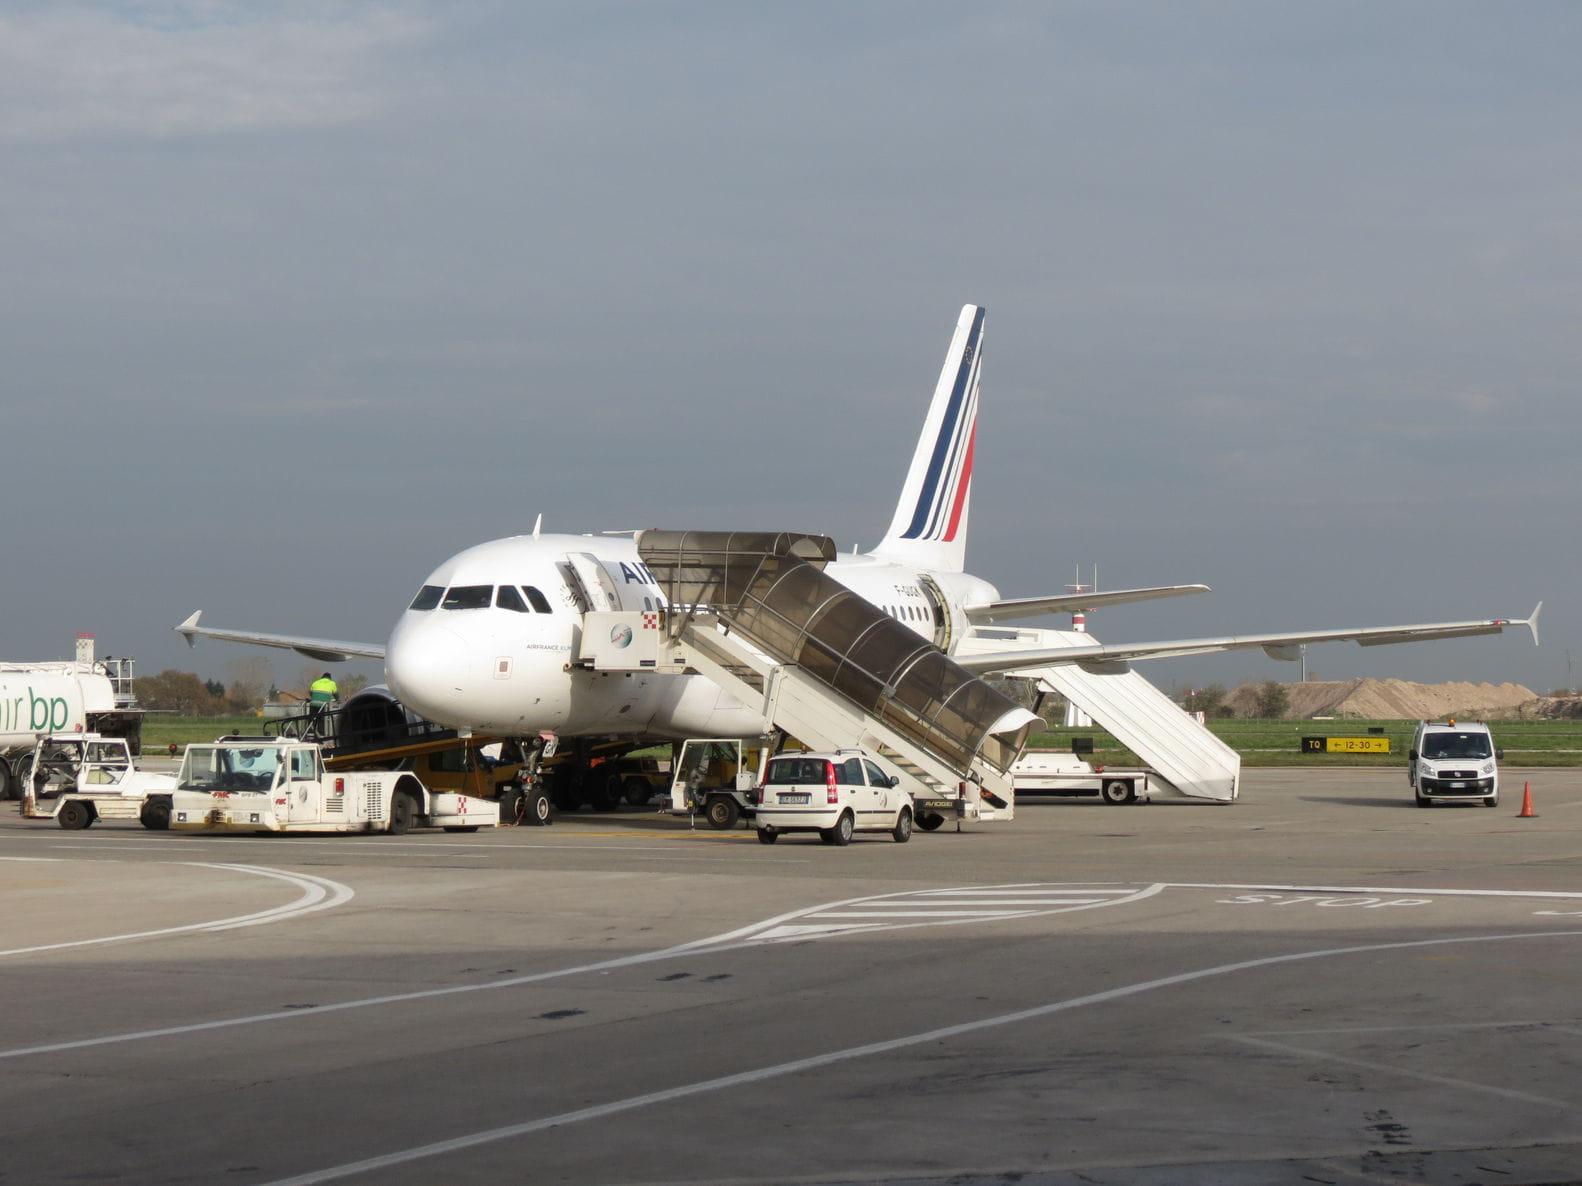 Grèves à la SNCF et Air France : les prévisions pour lundi